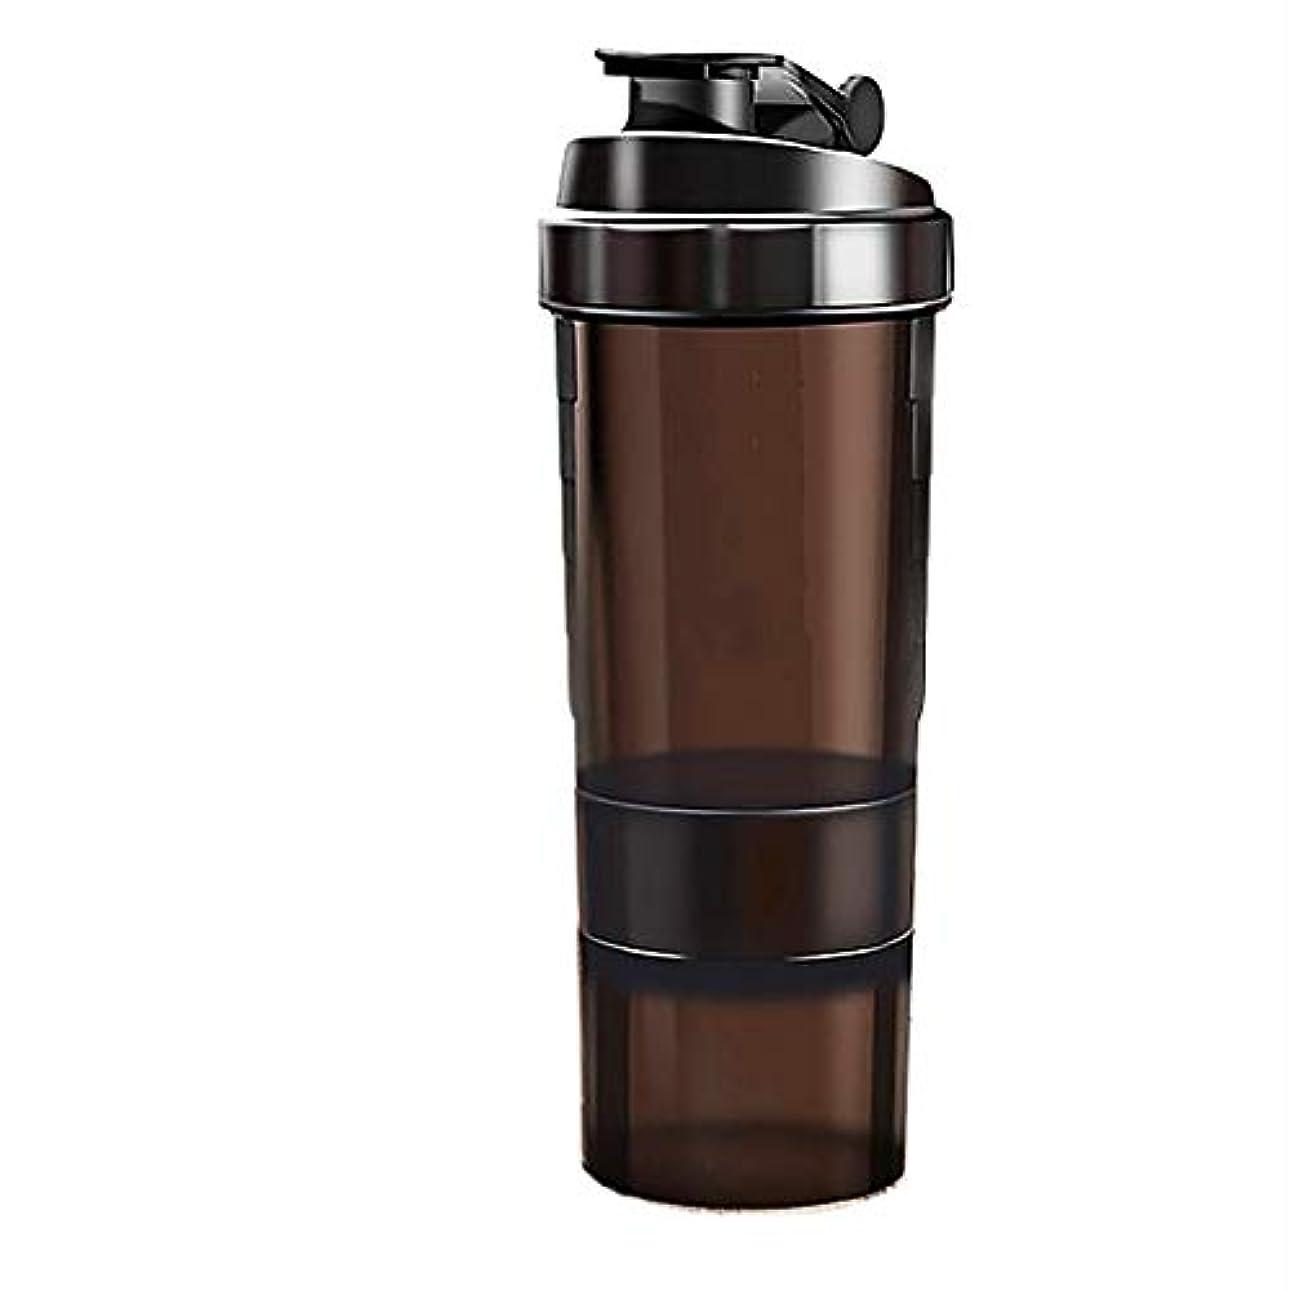 猛烈な複雑でないインフルエンザミルクセーキ シェイクカップフ[ 最新デザイン ] 多層タンパク質粉末 シェイクカップフ ィット ネススポーツウォーターボトル 旋風やかんミルク スケールティーカップ(ブラック)